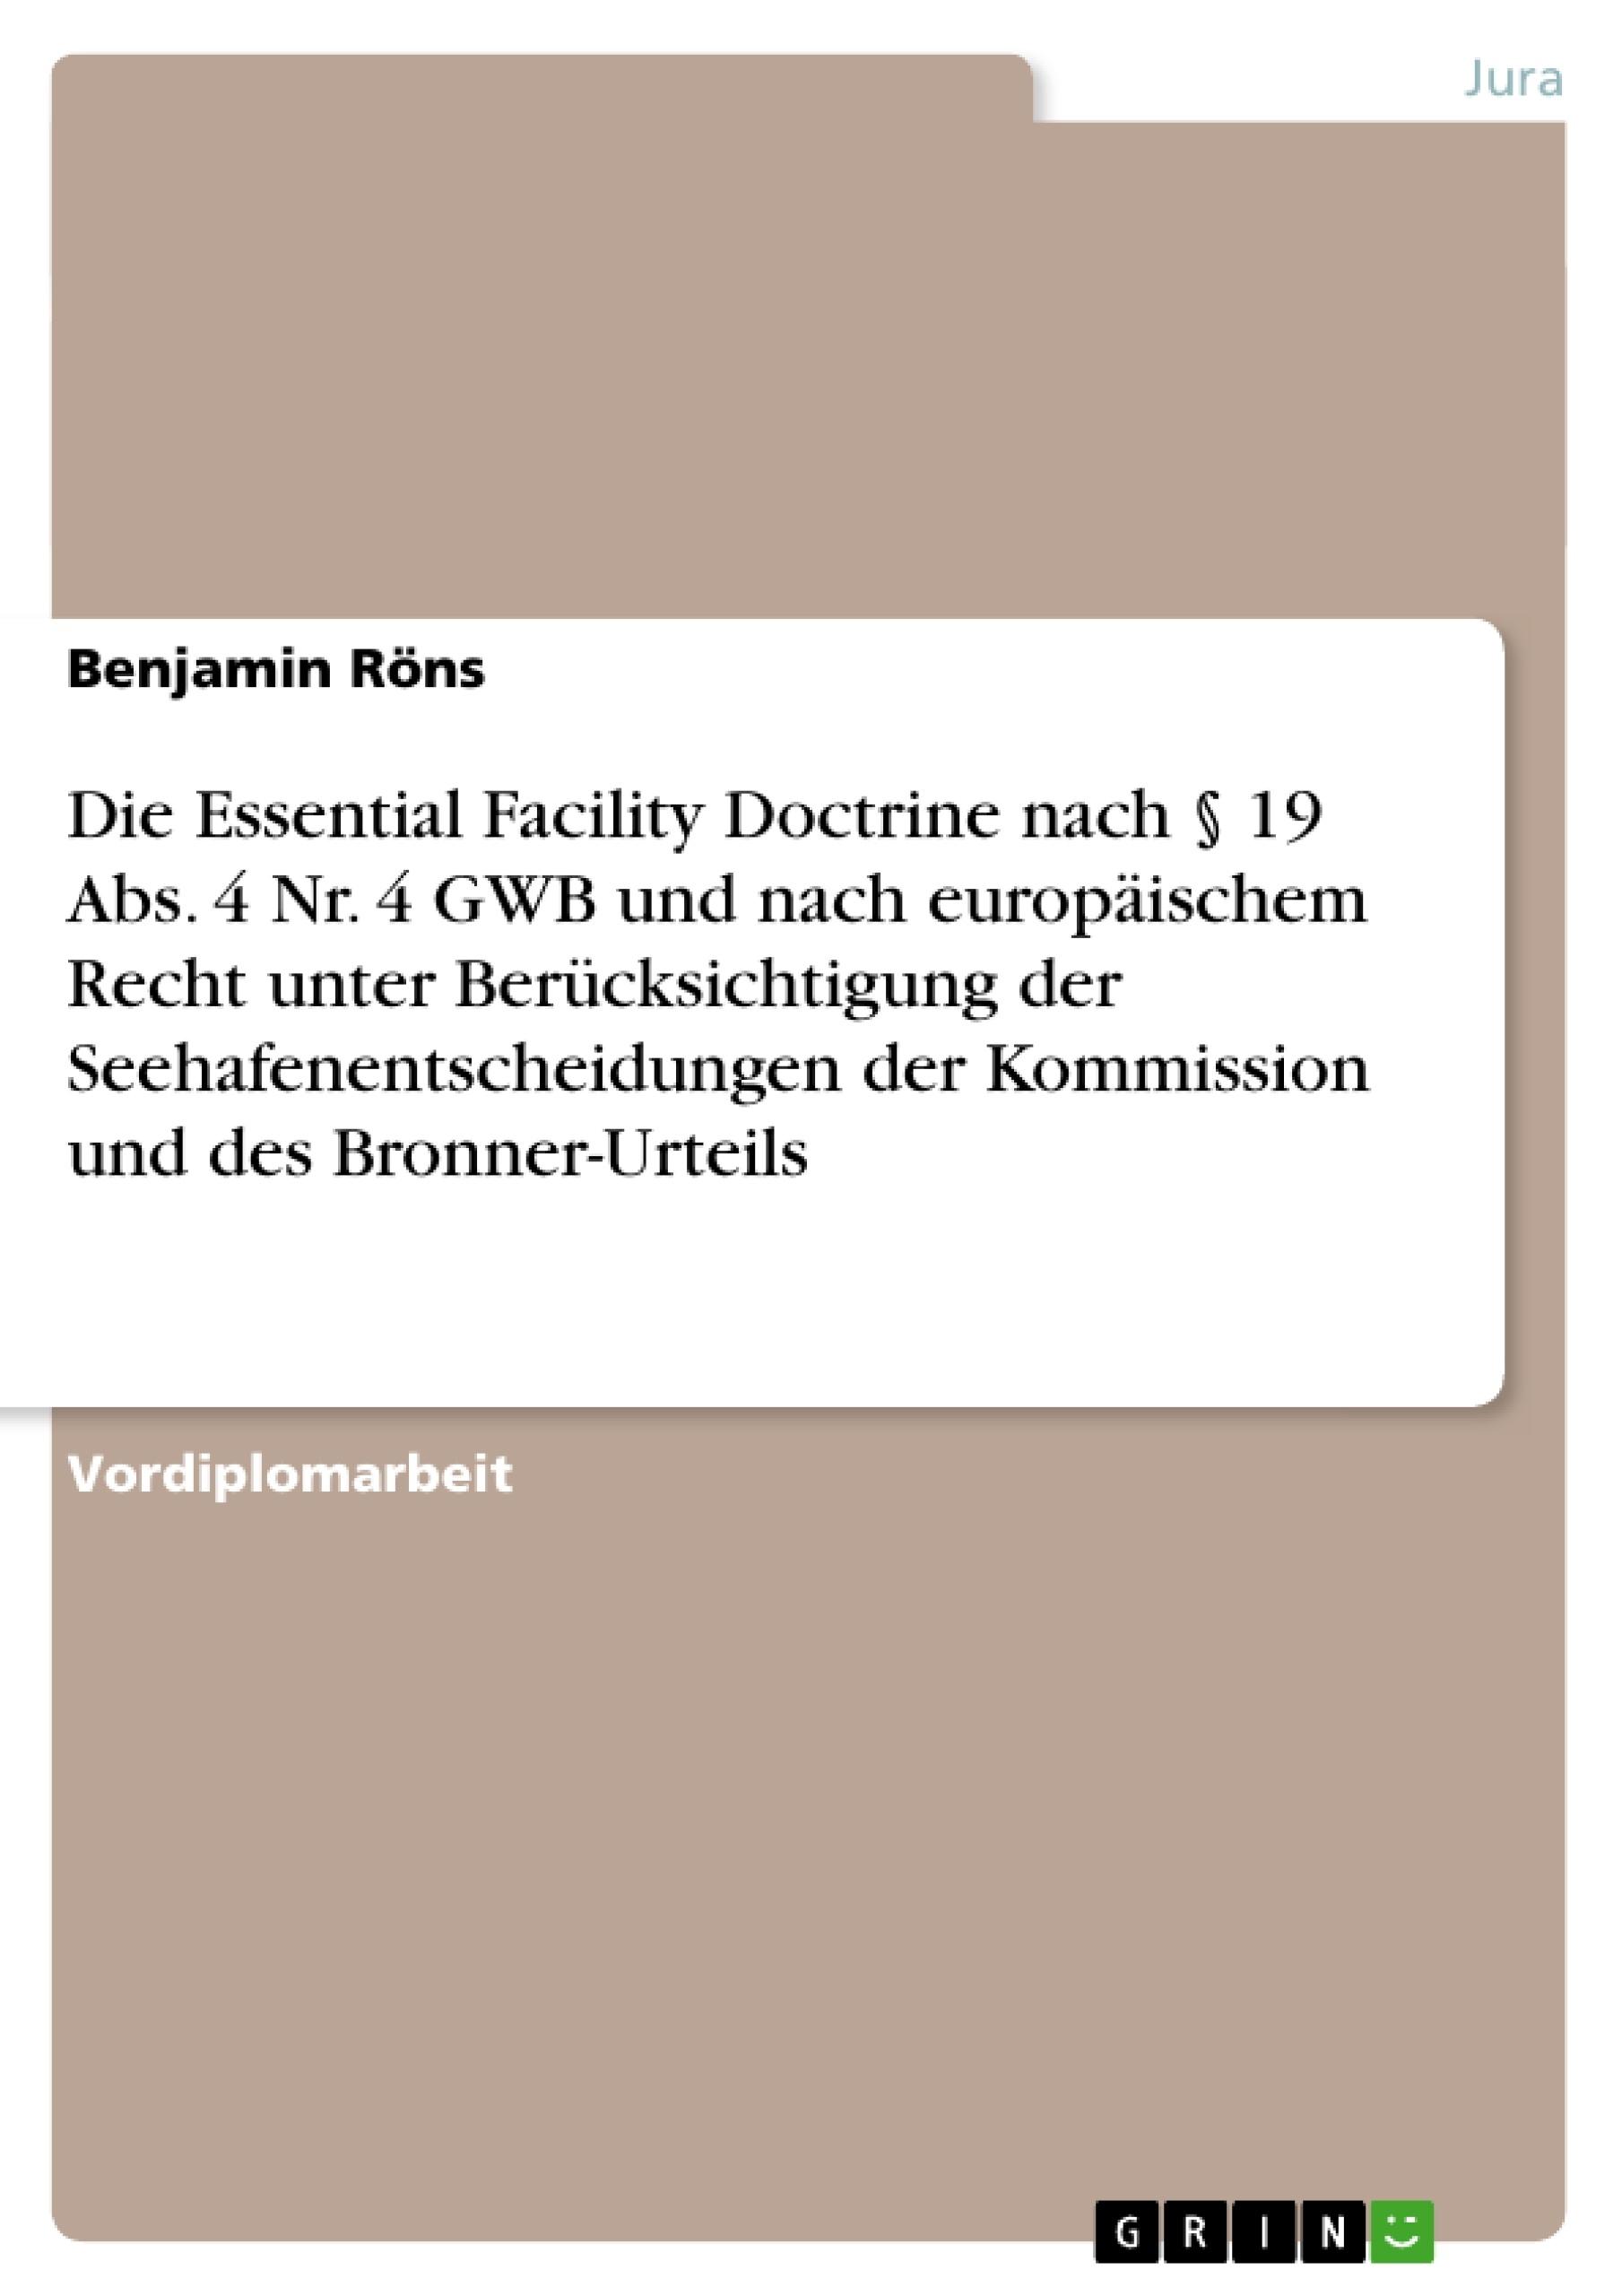 Titel: Die Essential Facility Doctrine nach § 19 Abs. 4 Nr. 4 GWB und nach europäischem Recht unter Berücksichtigung der Seehafenentscheidungen der Kommission und des Bronner-Urteils